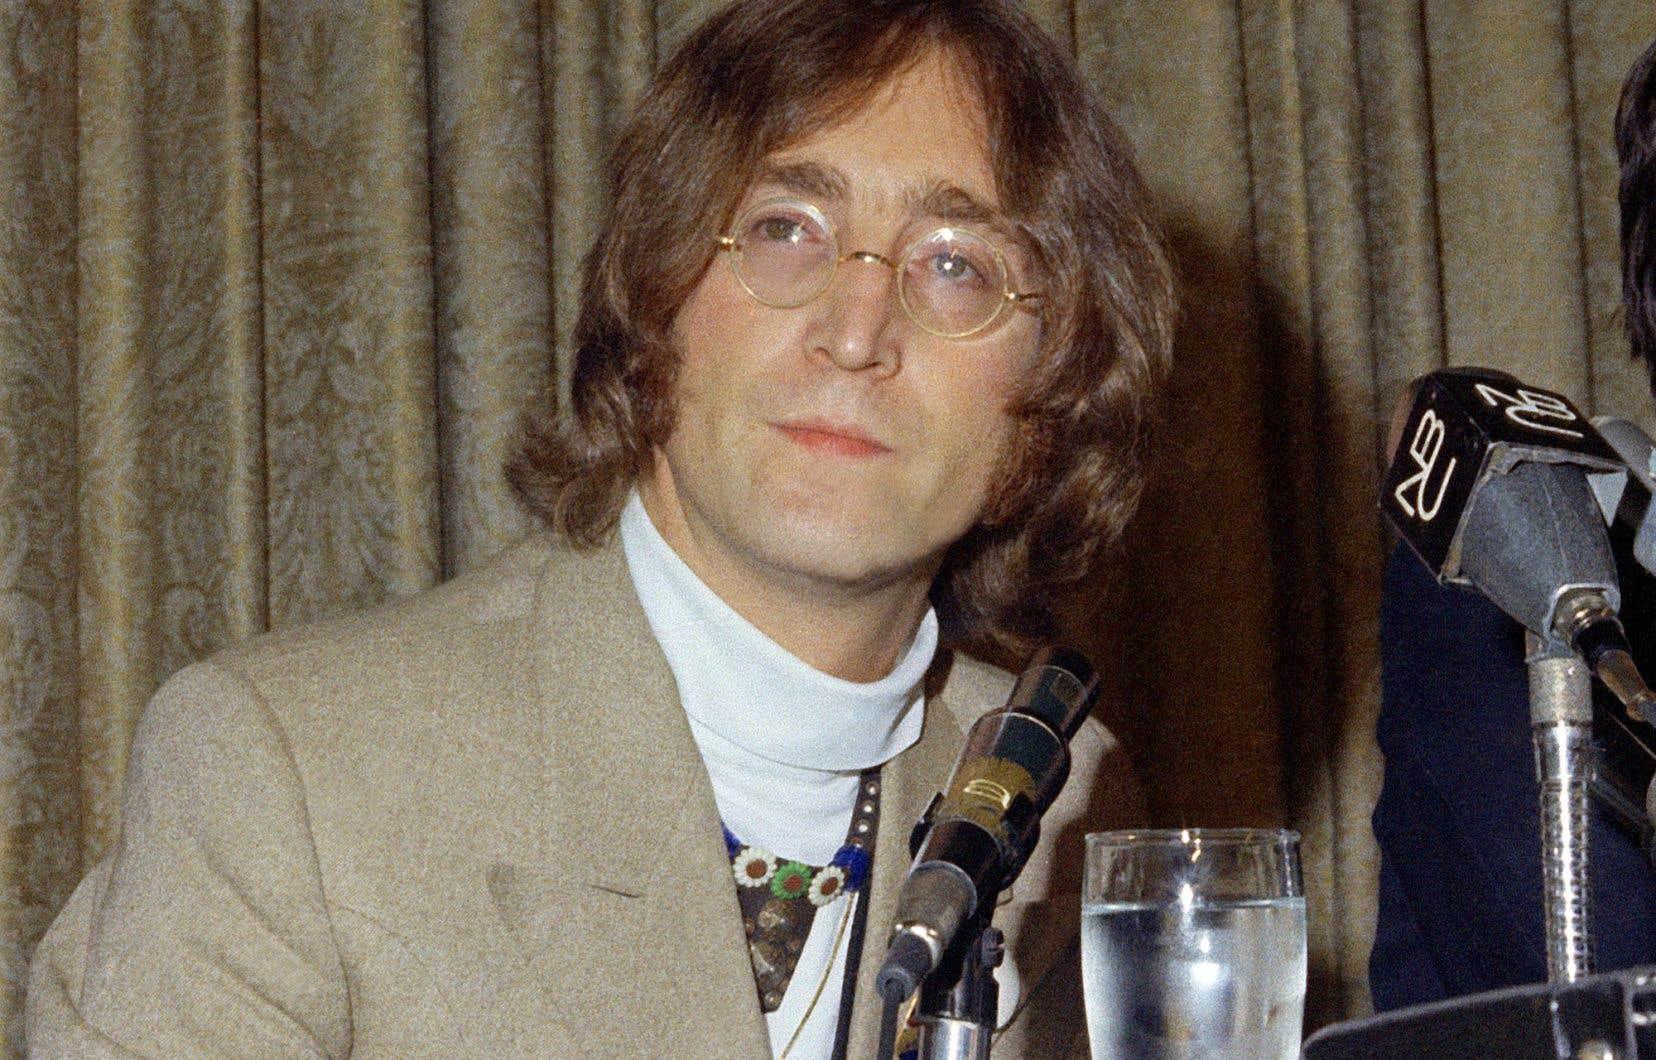 John Lennon lors d'une conférence de presse à New York, en 1968